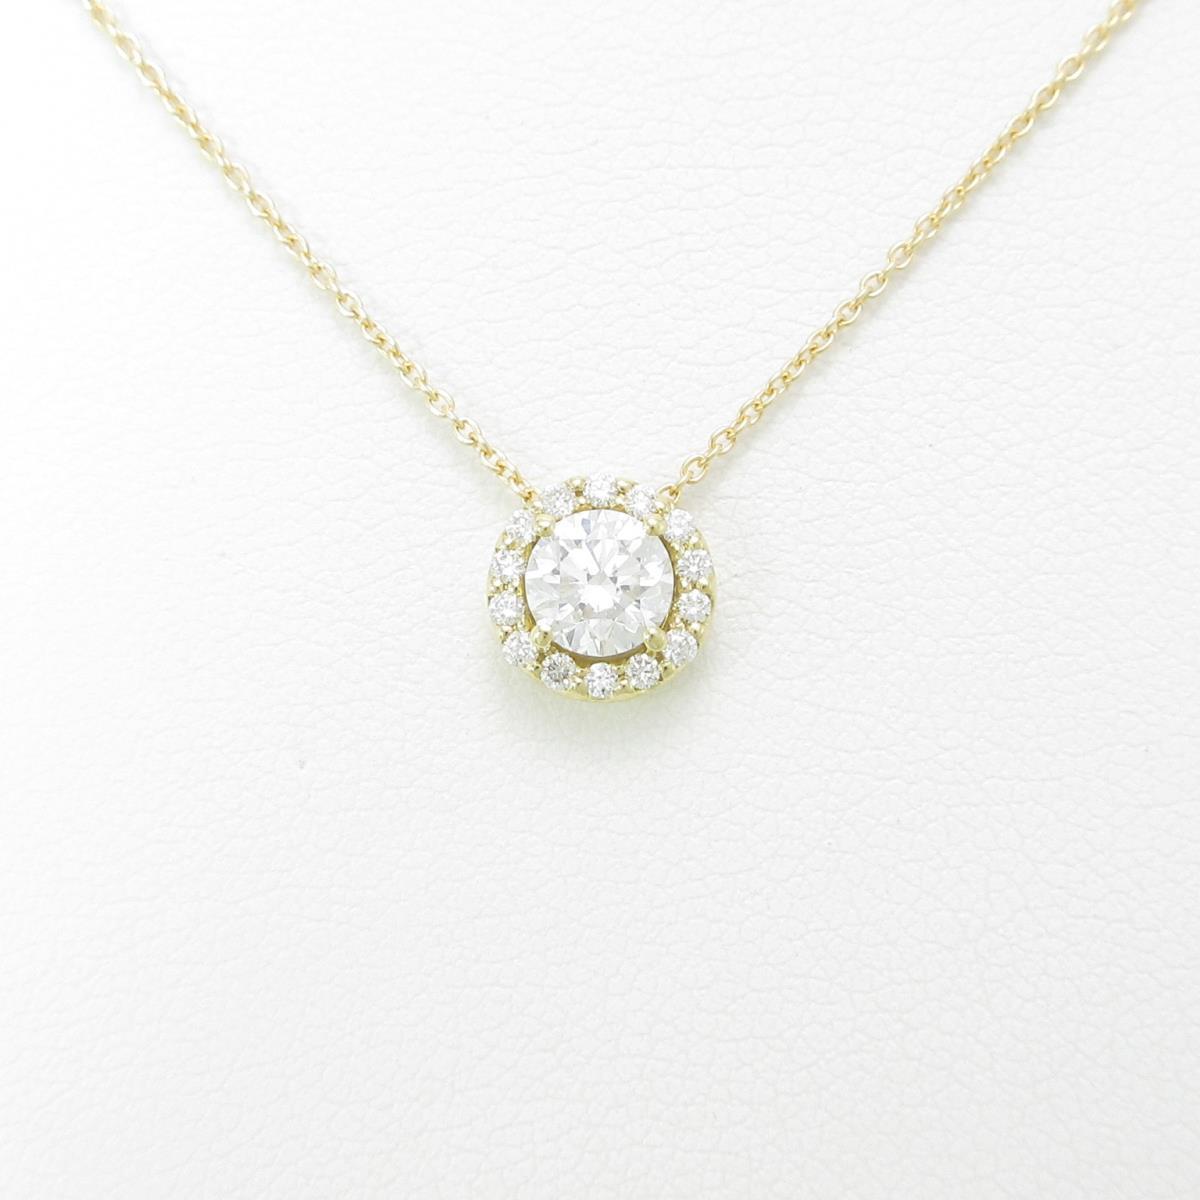 【リメイク】K18YG ダイヤモンドネックレス 0.507ct・G・SI2・VG【中古】